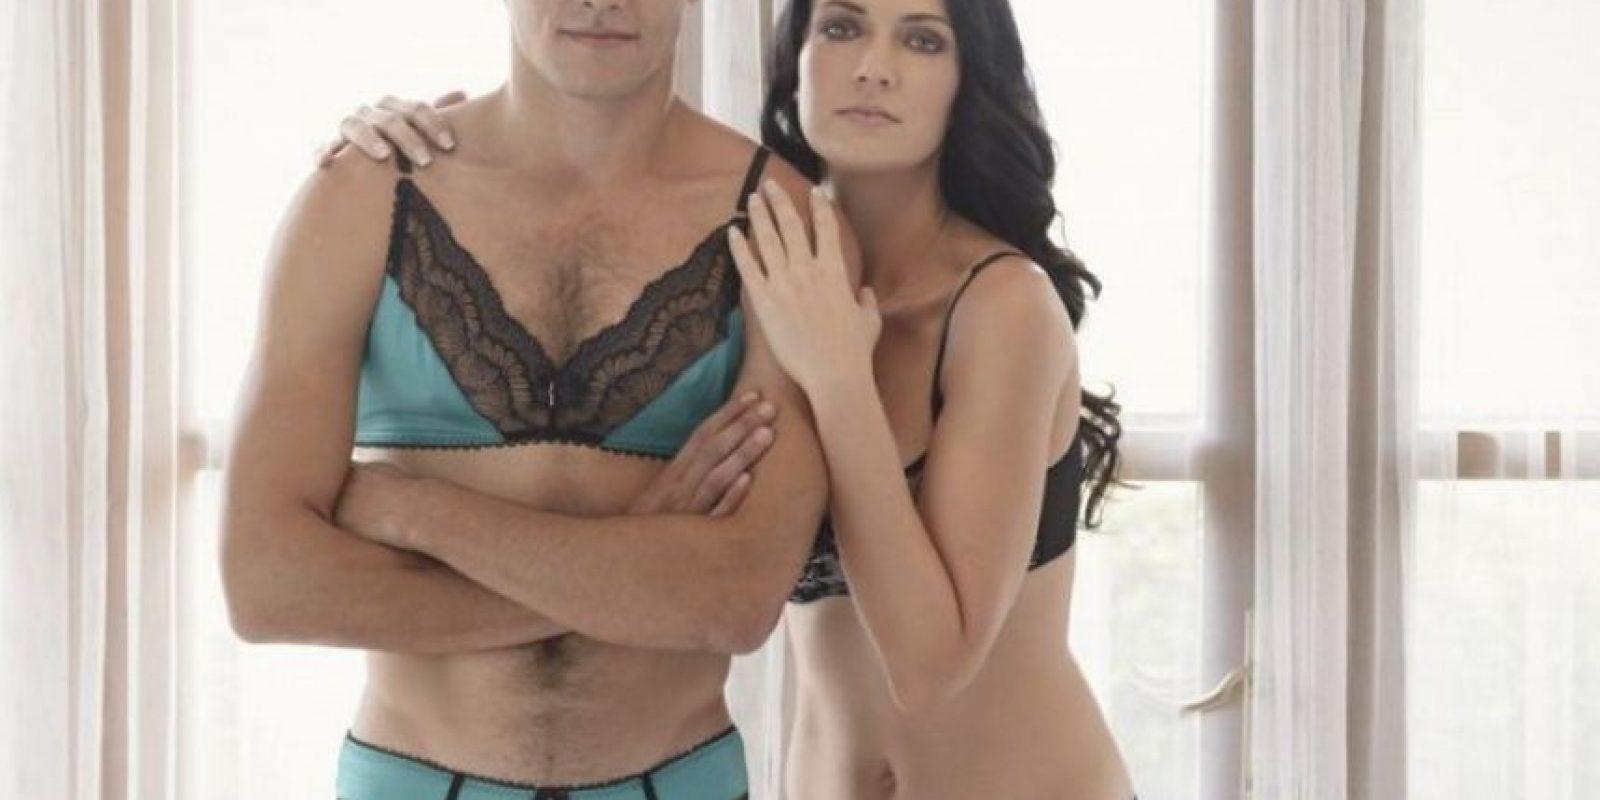 Фото мужского в женском, Странно, но сексуально: мужчины в кружевном белье 23 фотография